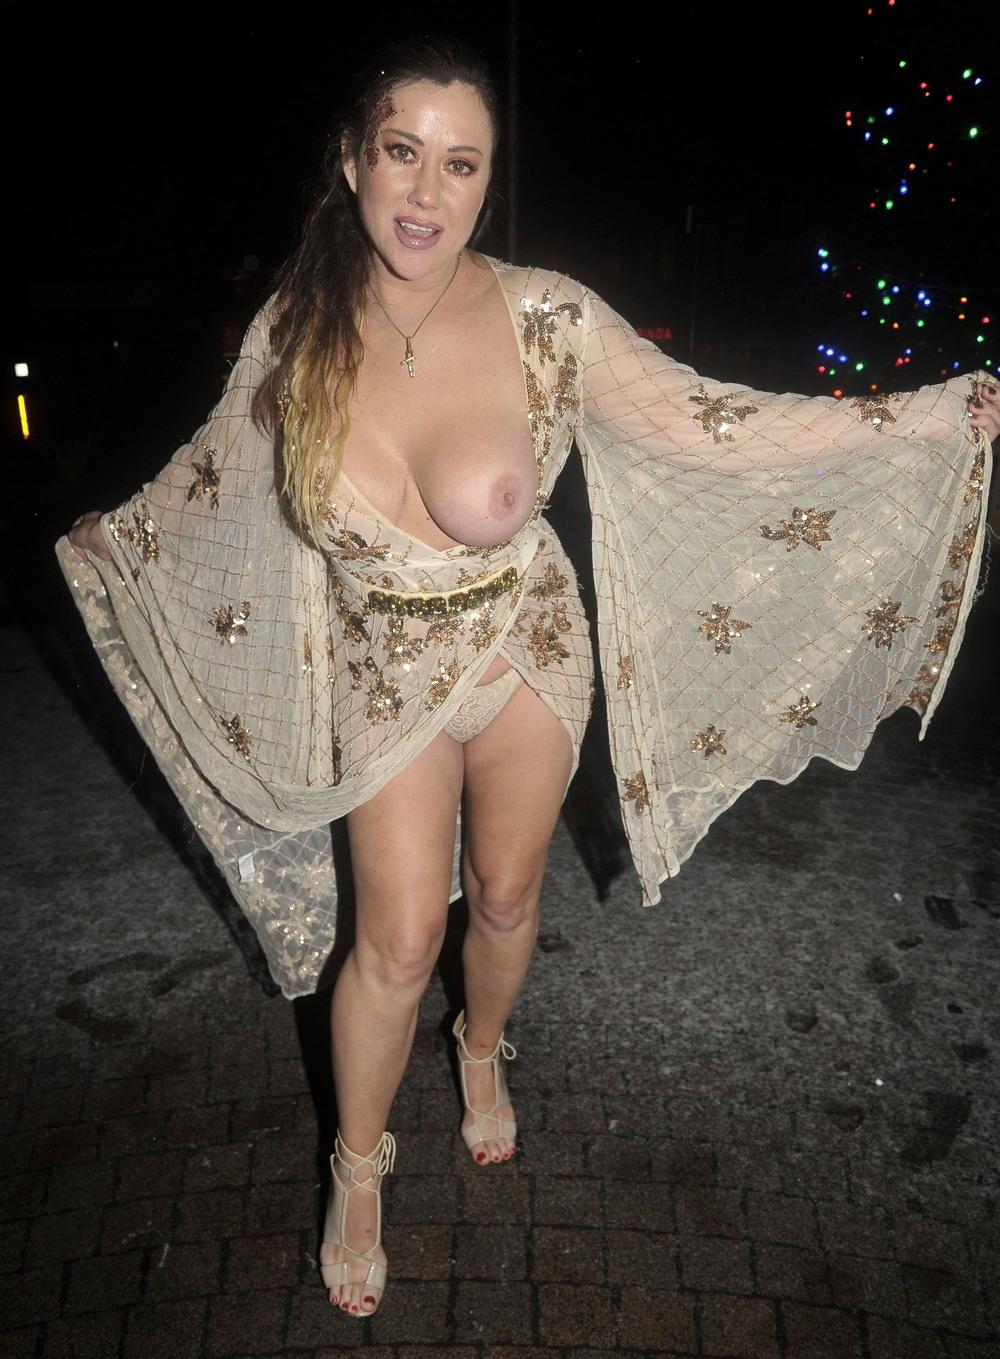 Лиза Эпплтон засветила грудь и трусы